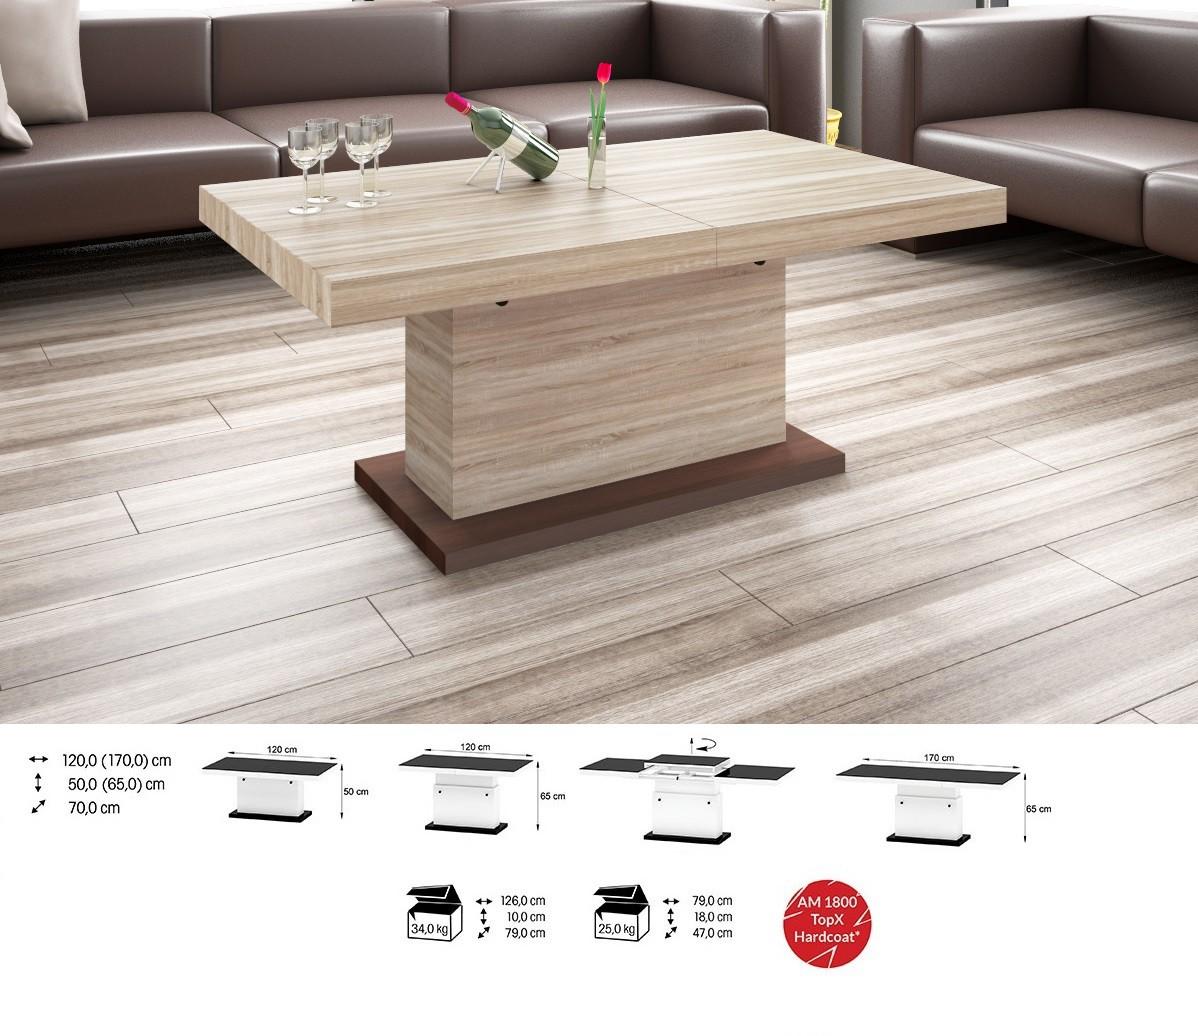 couchtisch mit funktion best couchtisch mit led beleuchtung kaufen with couchtisch mit funktion. Black Bedroom Furniture Sets. Home Design Ideas